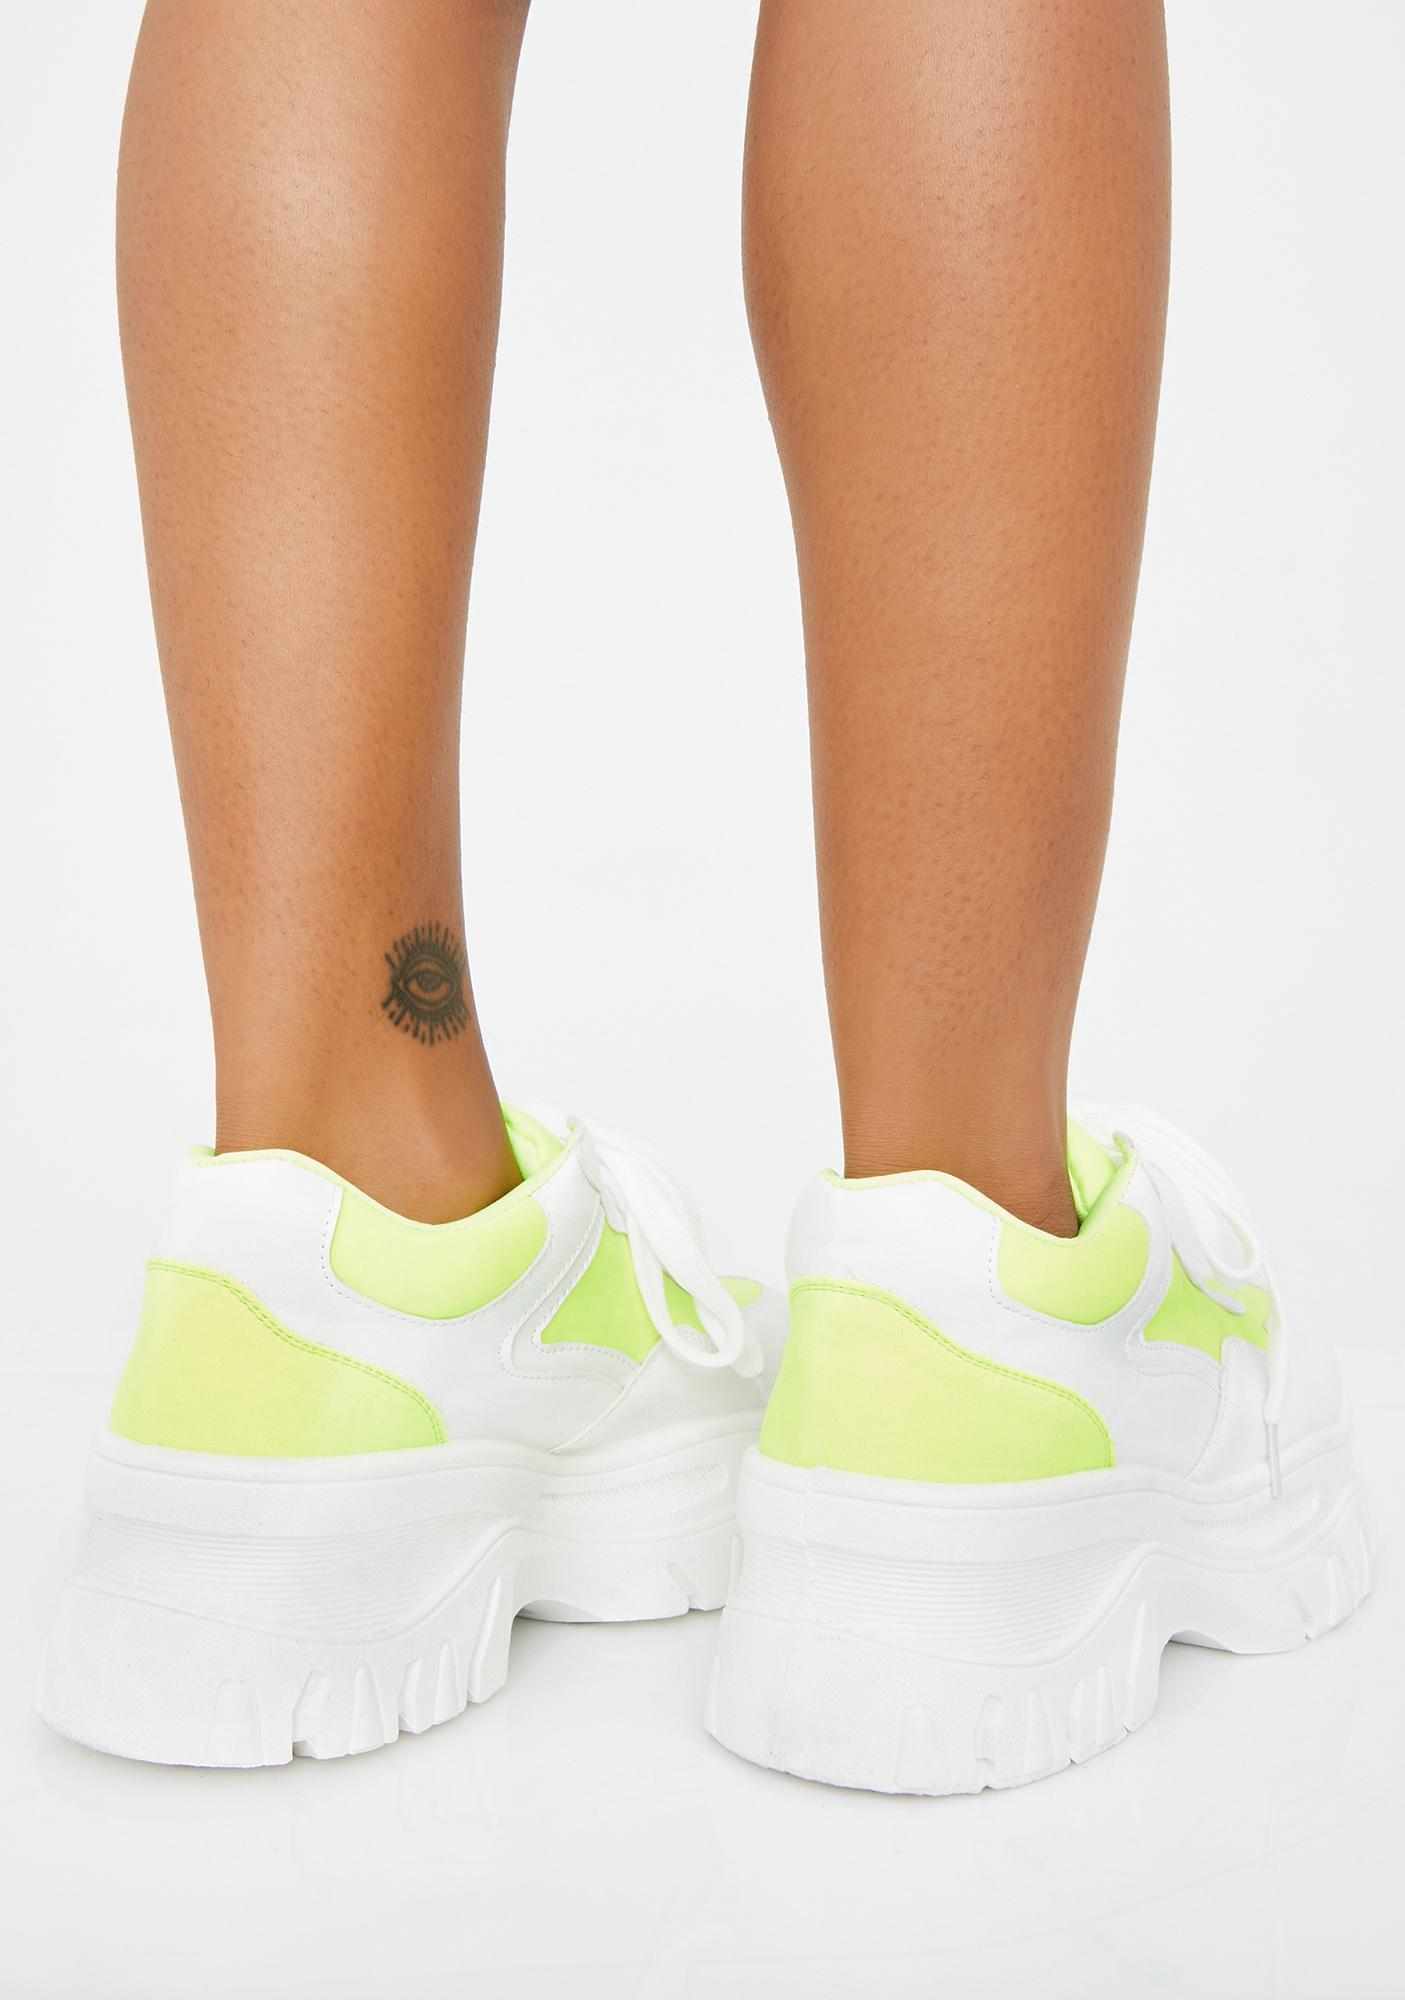 Electric Insta Pop Platform Sneakers